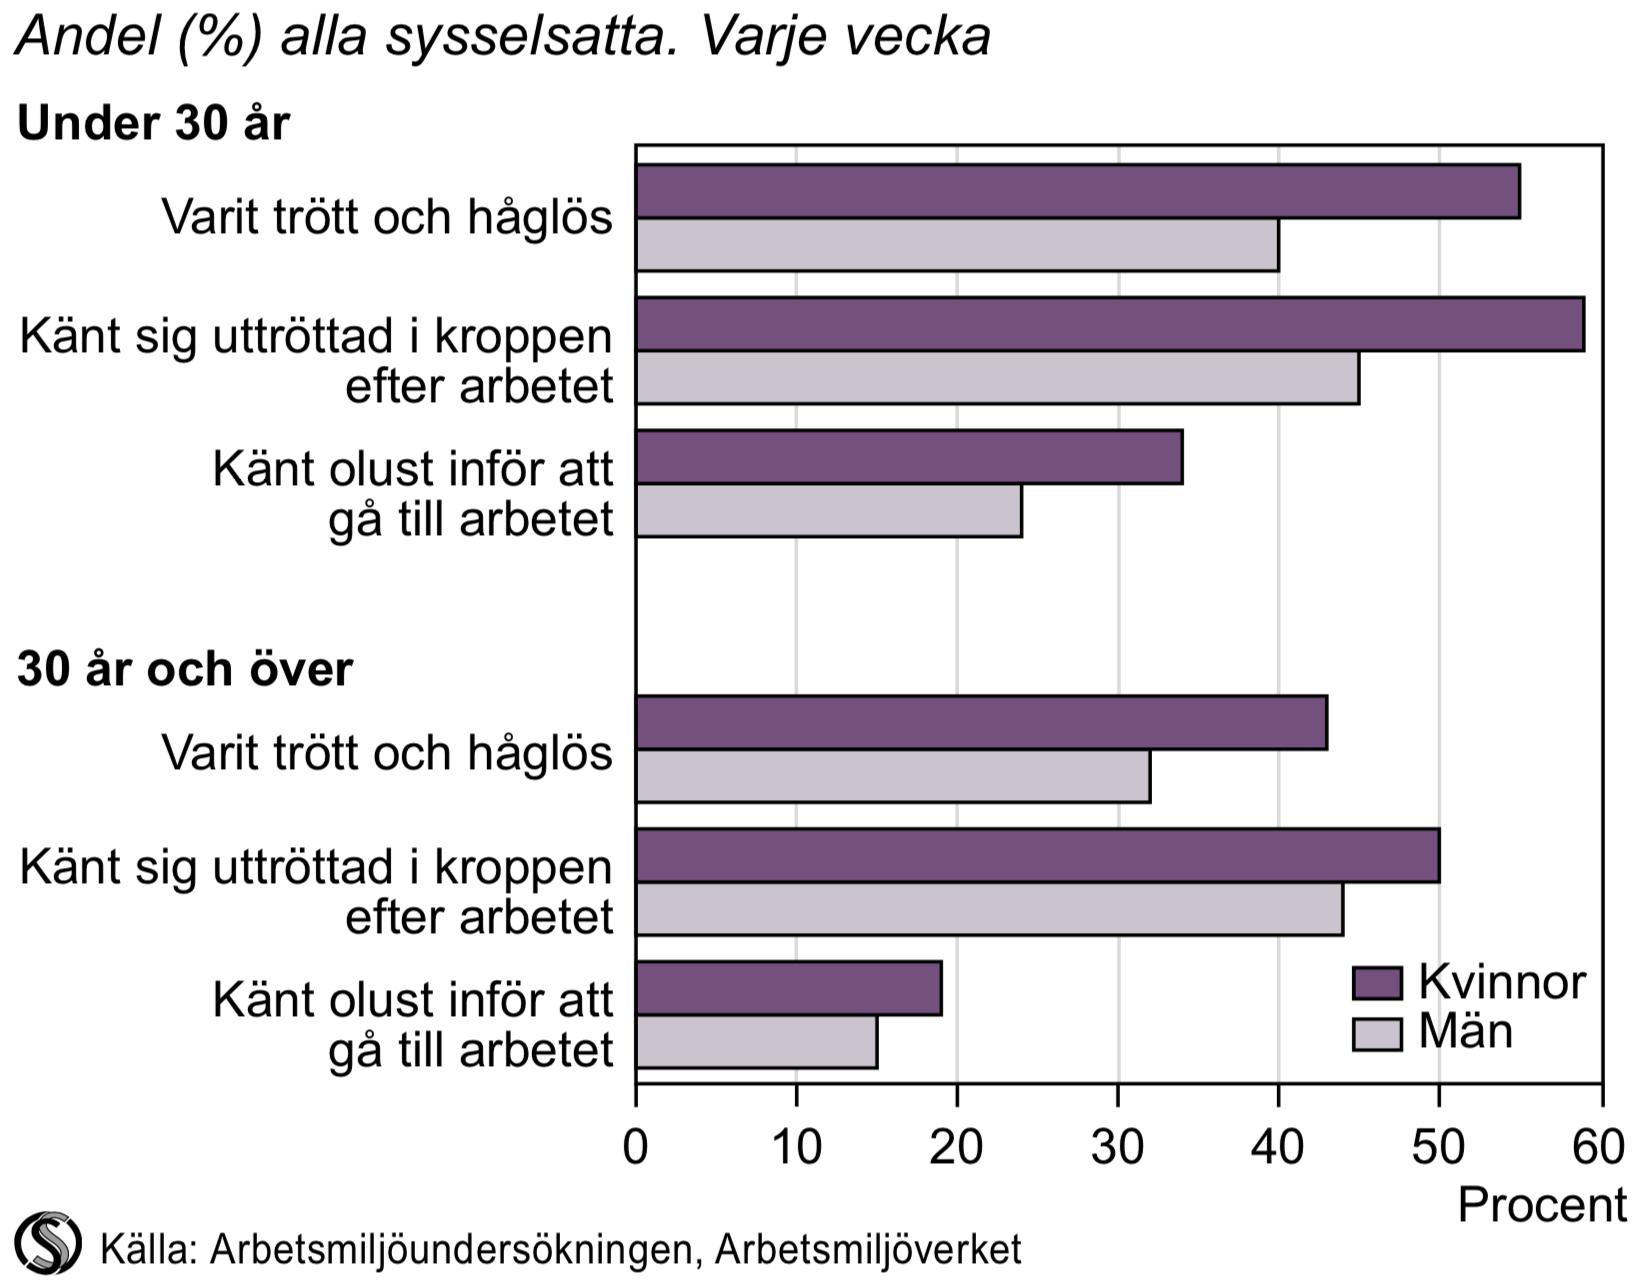 Känslomässiga upplevelser av arbetet för sysselsatta i åldern 16-64 år efter ålder 2013